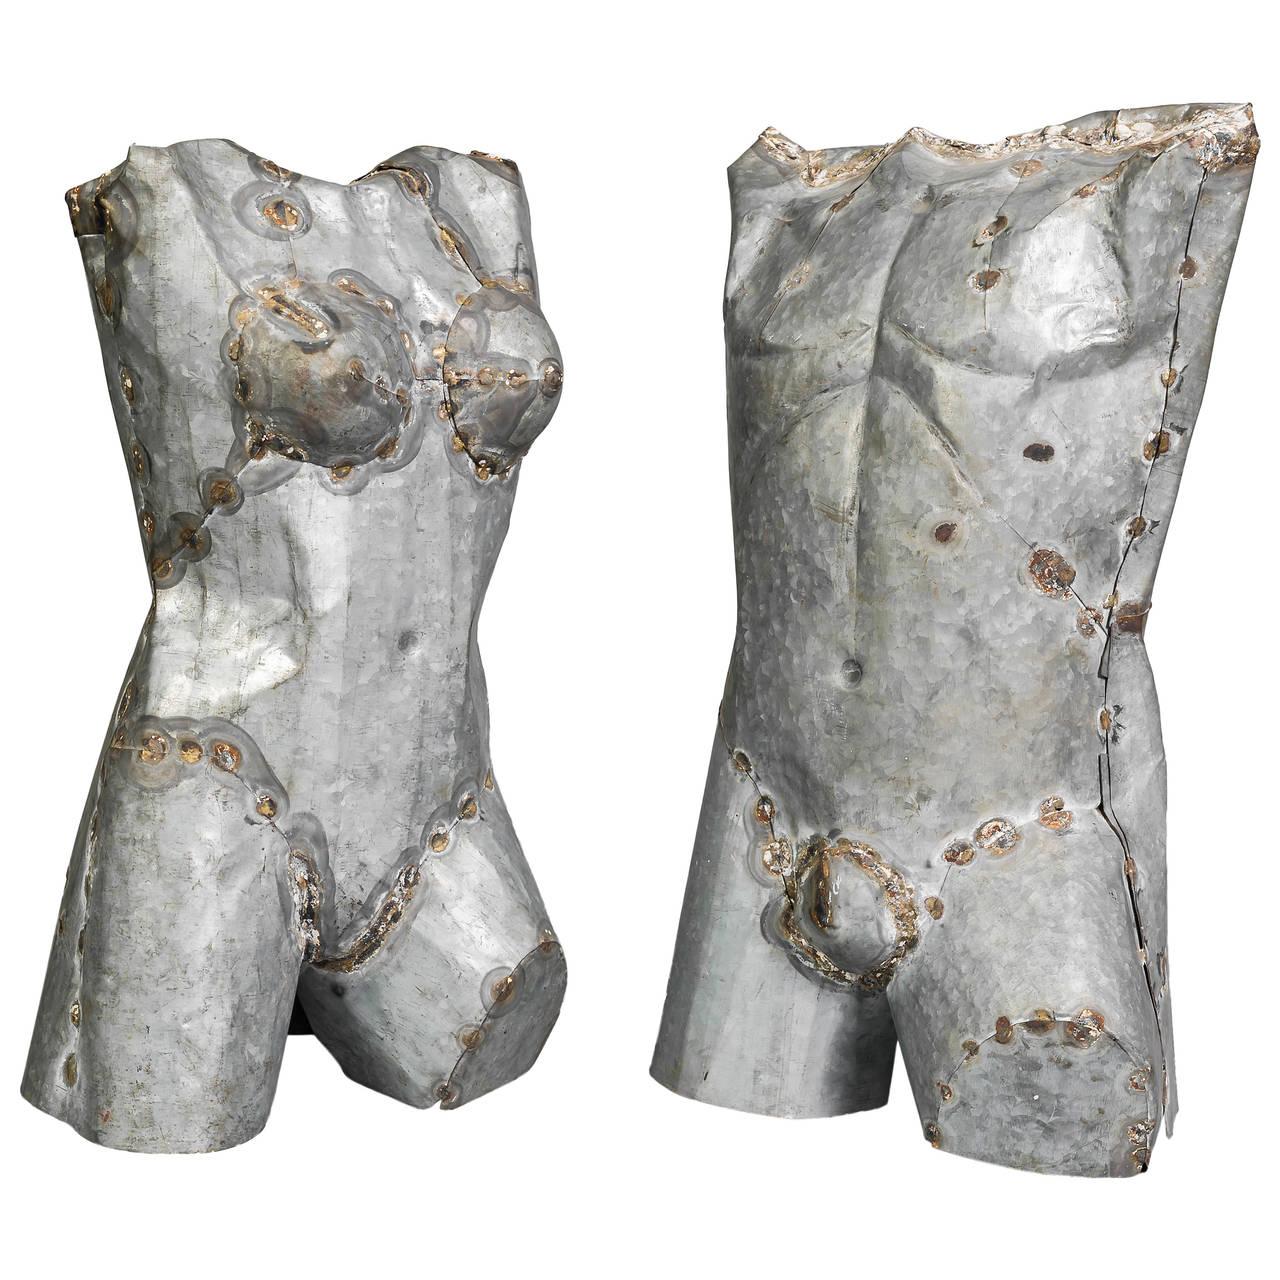 Pair of Torso Sculptures in Zinc For Sale